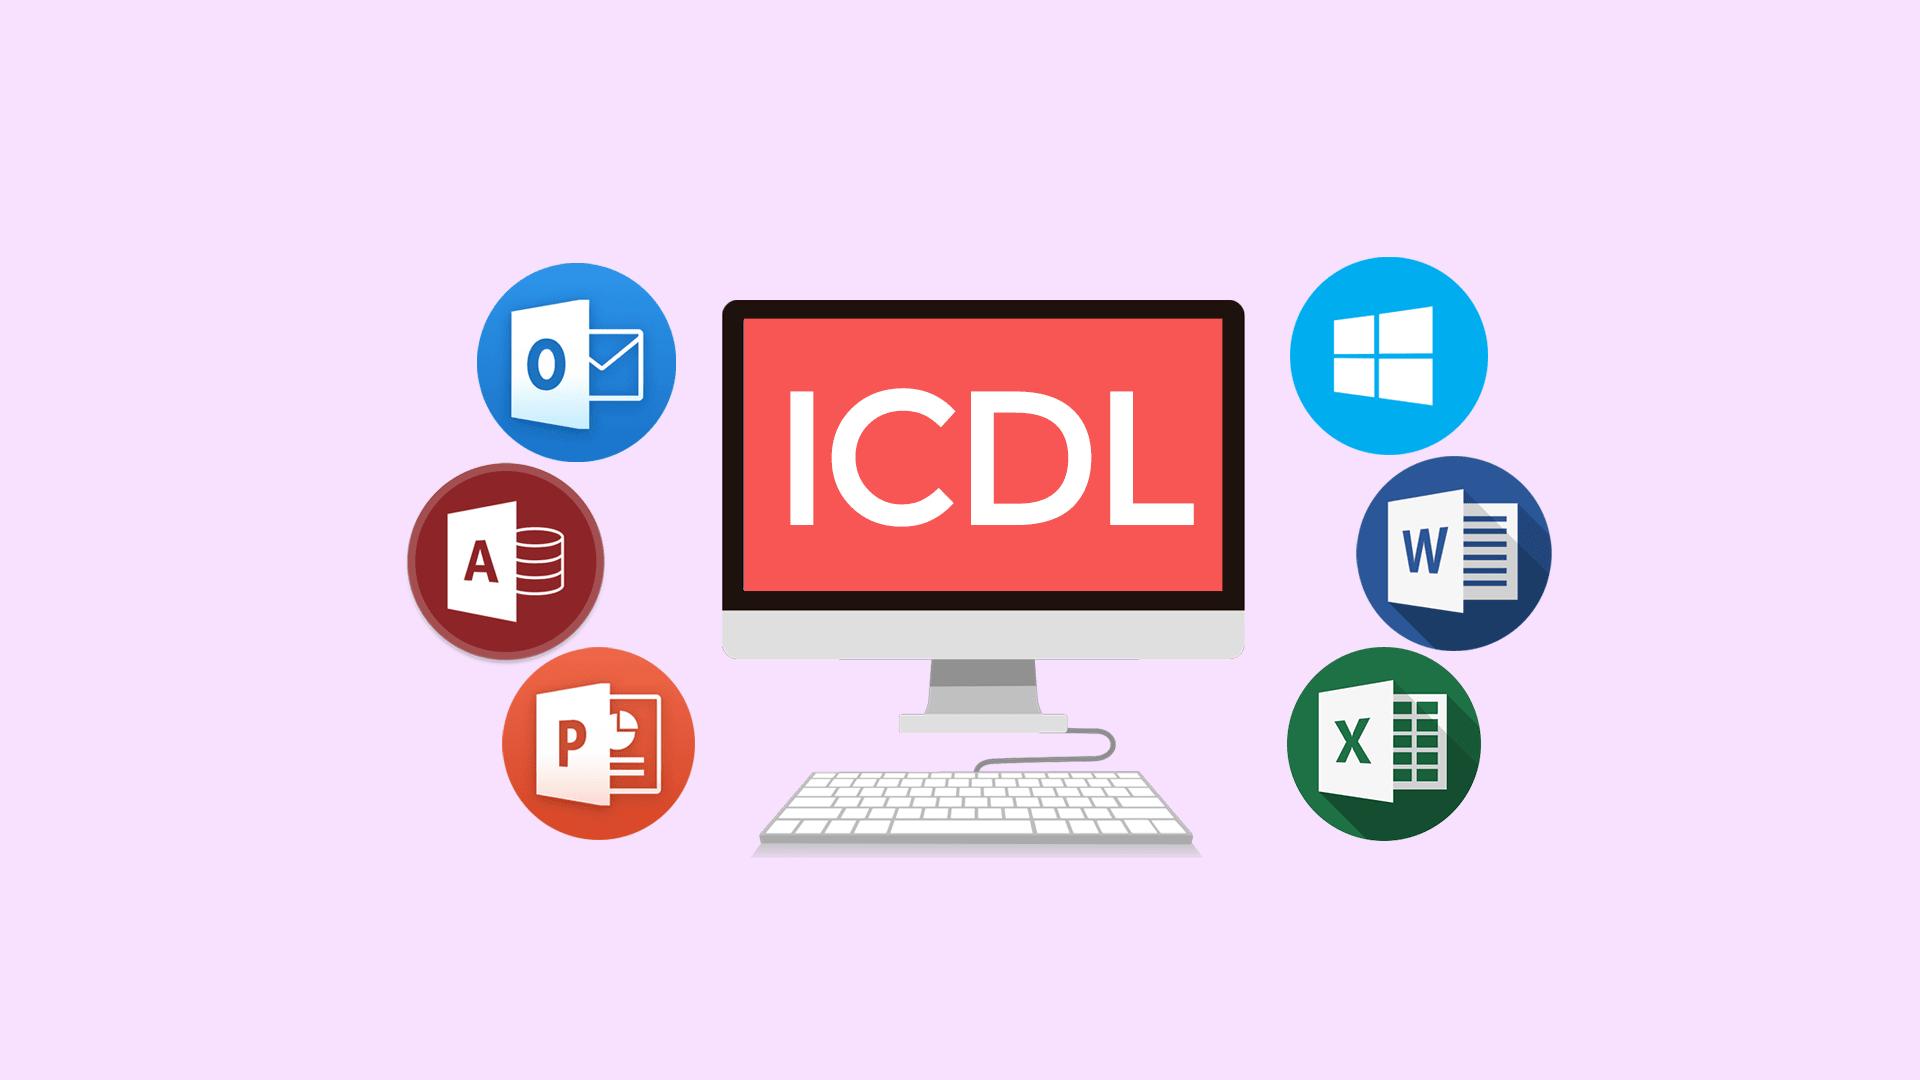 حل 260 سوال ICDL ( ویژه داوطلبان آزمون استخدامی )